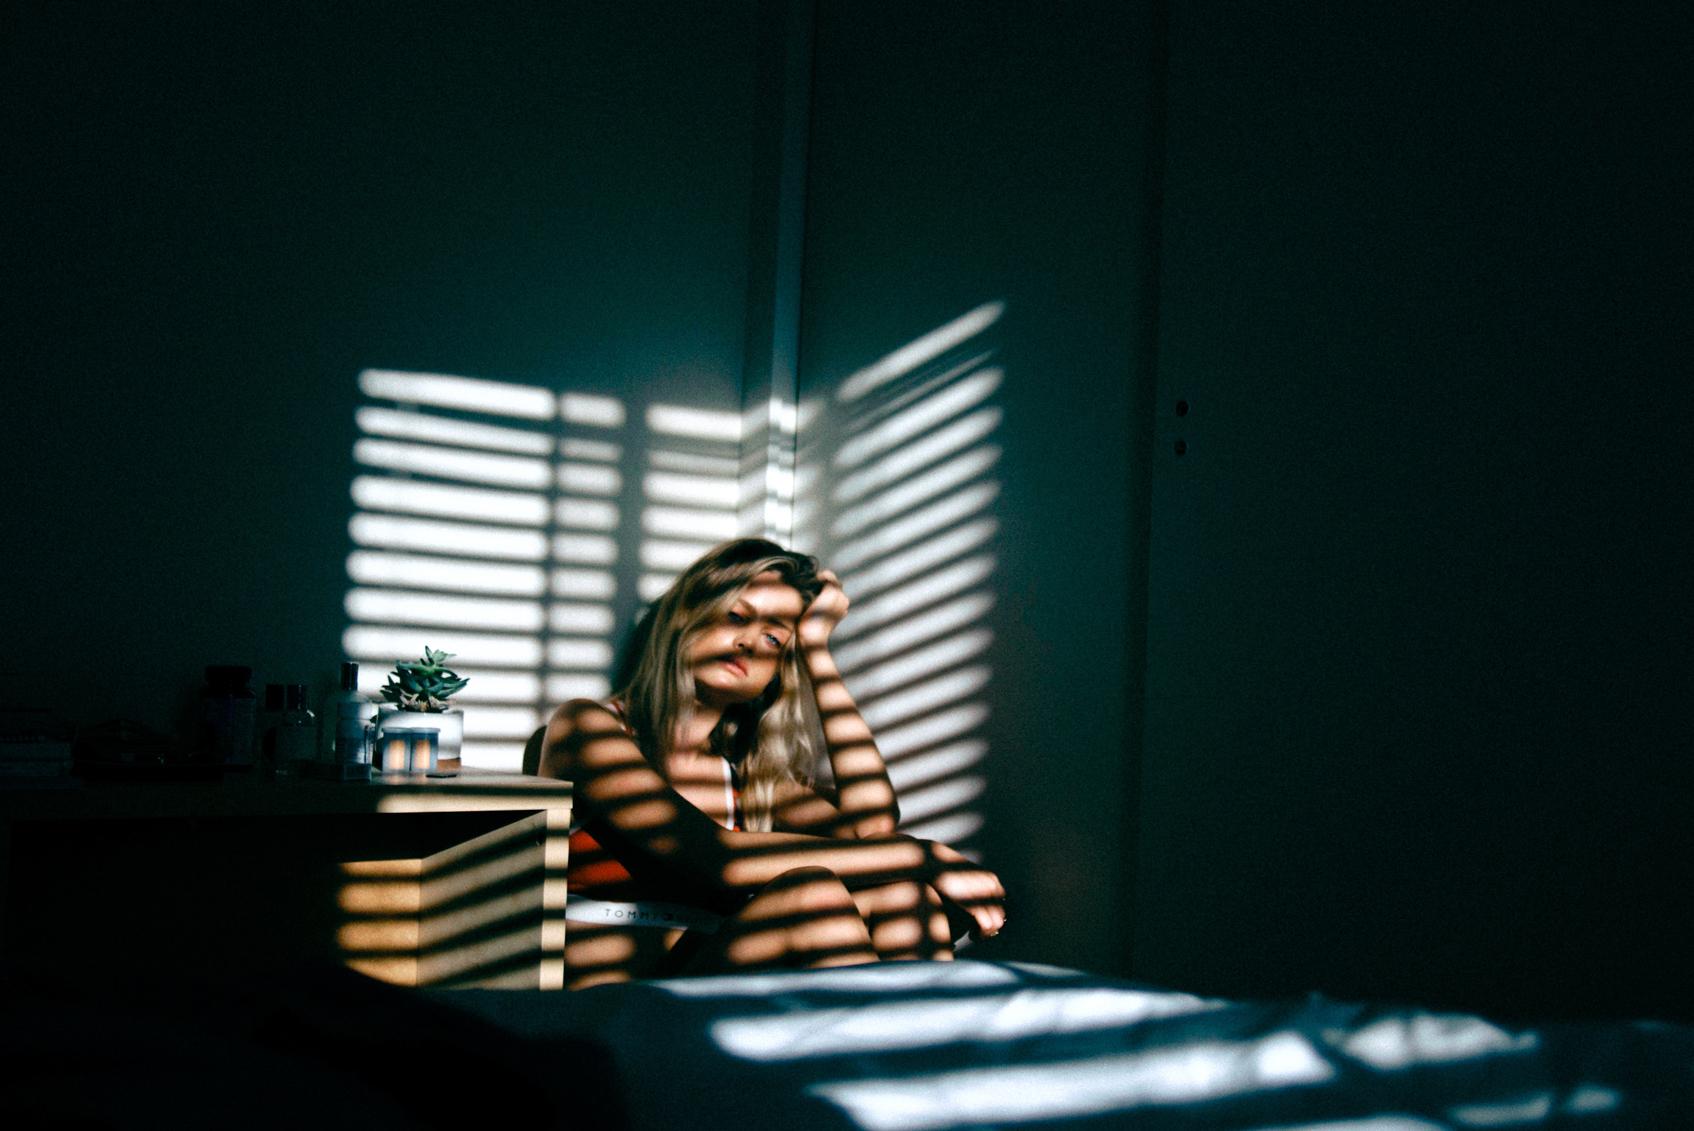 девушка в тени